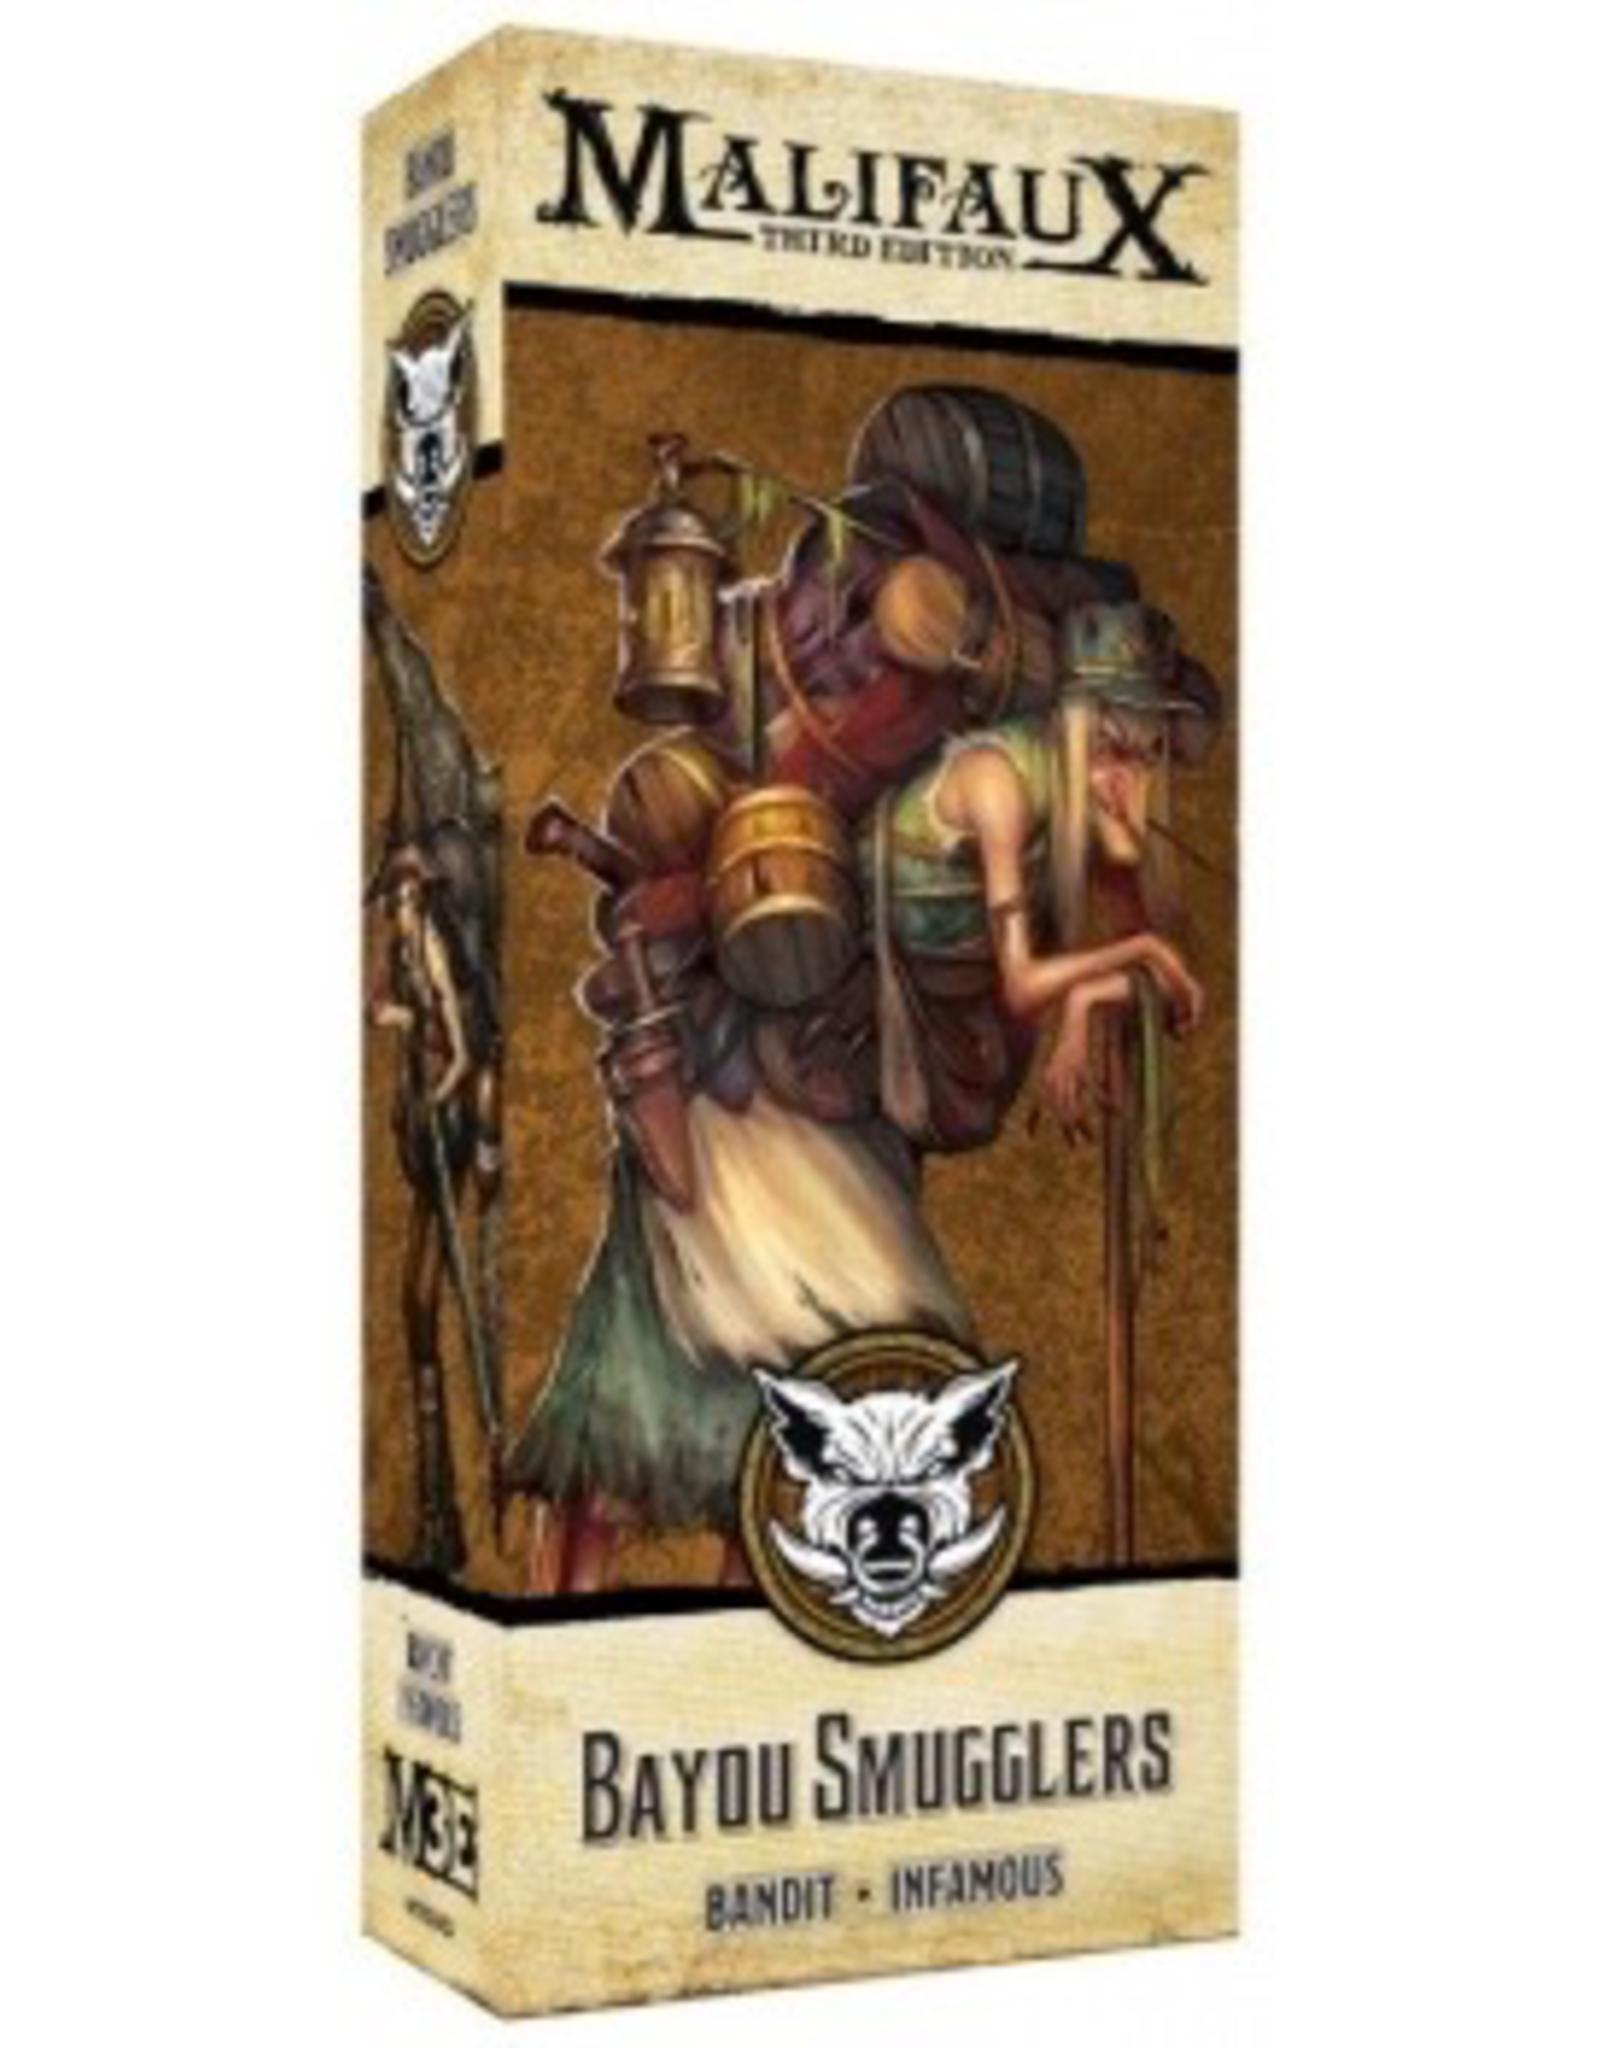 WYR - Malifaux Miniaturen Malifaux 3rd Edition - Bayou Smuggler - EN